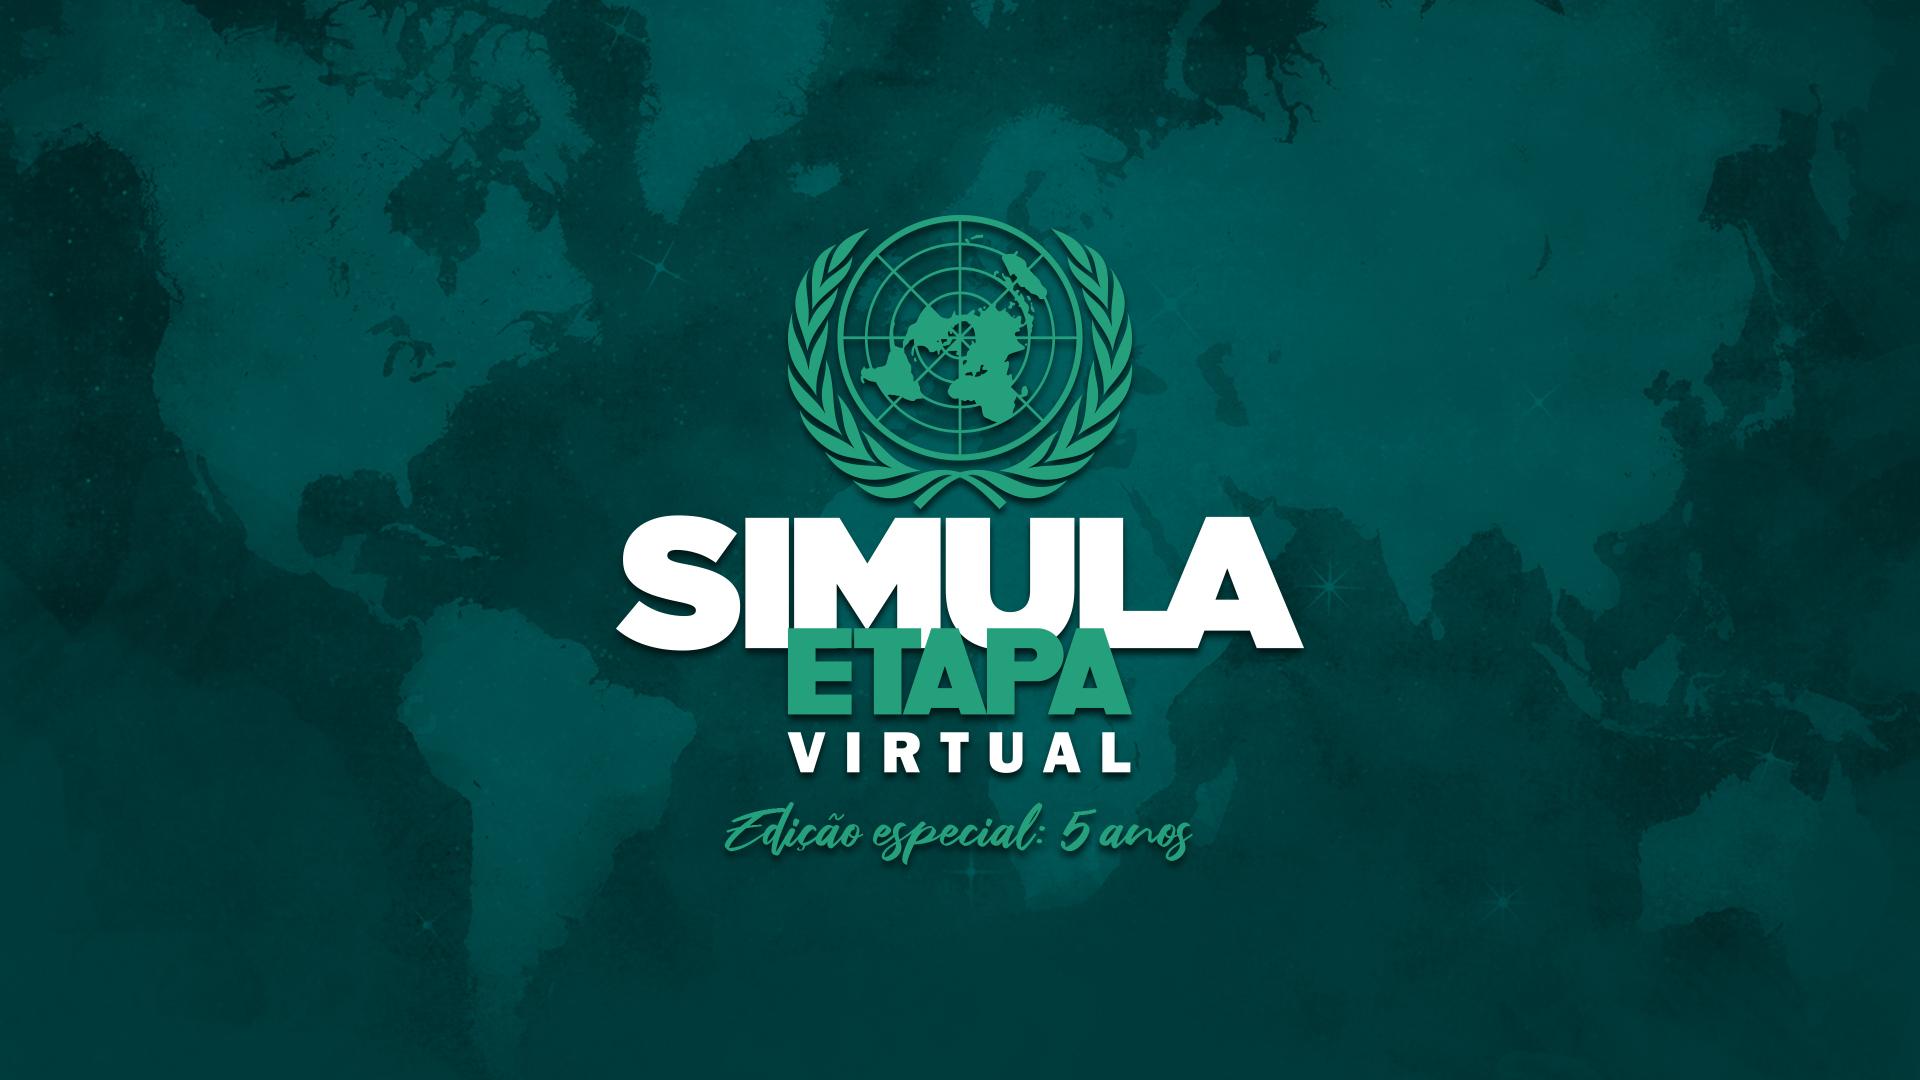 Simula Etapa celebra cinco anos com edição comemorativa